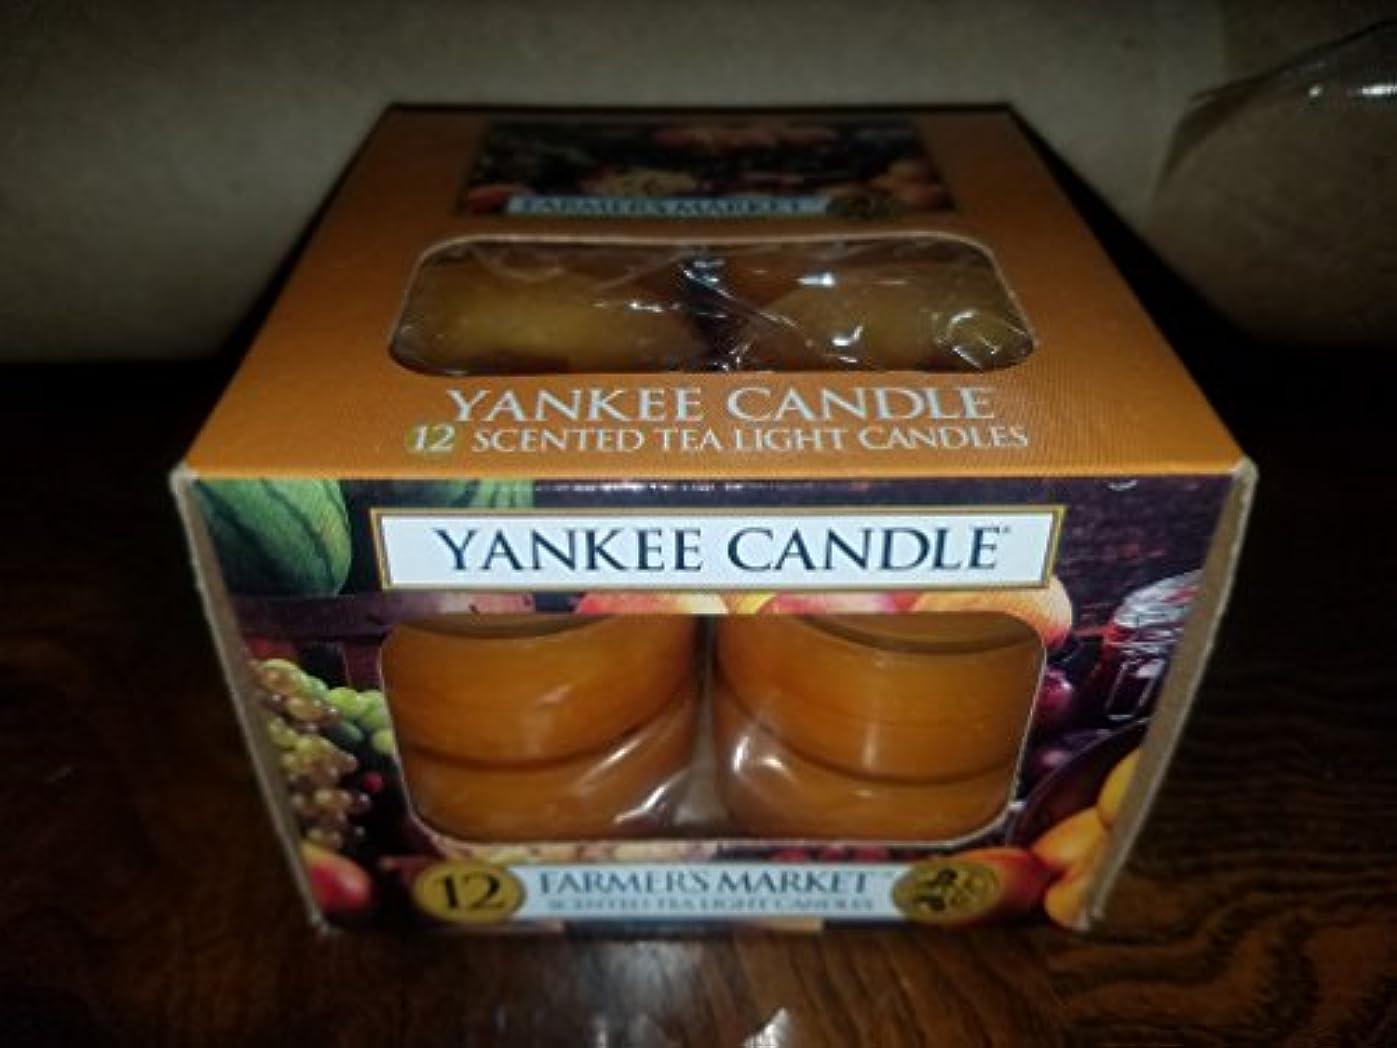 ヘクタールヘクタール骨折Yankee Candle Farmer 's Market, Food & Spice香り Tea Light Candles オレンジ 1163587-YC